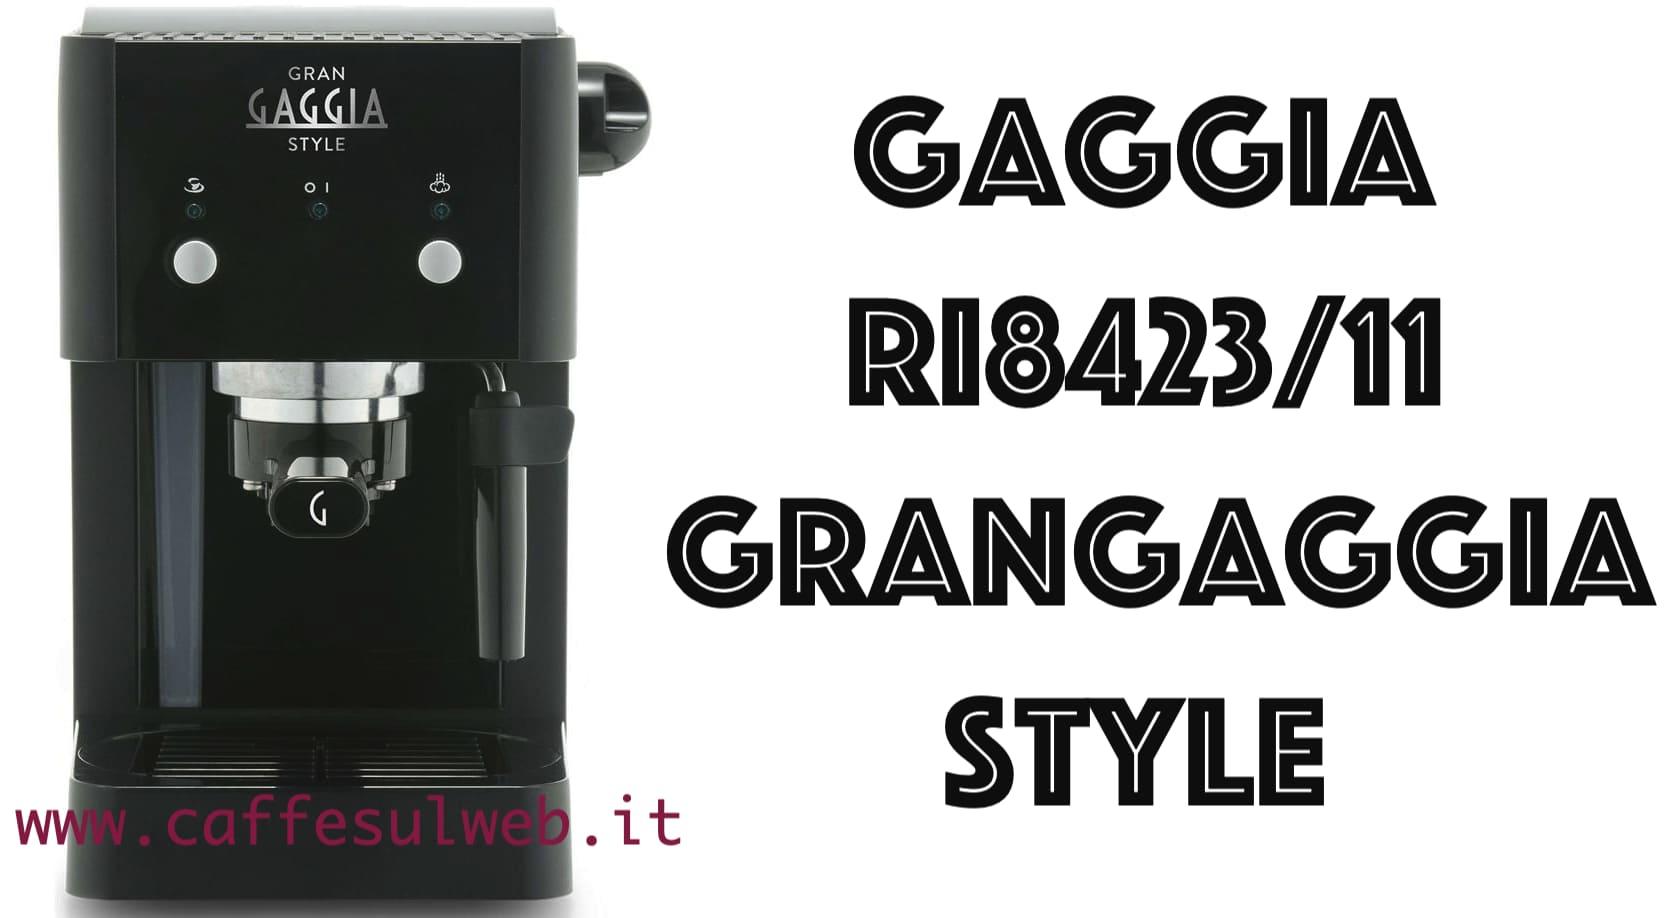 Gaggia RI8423 11 Grangaggia Style Recensioni Opinione Prezzo